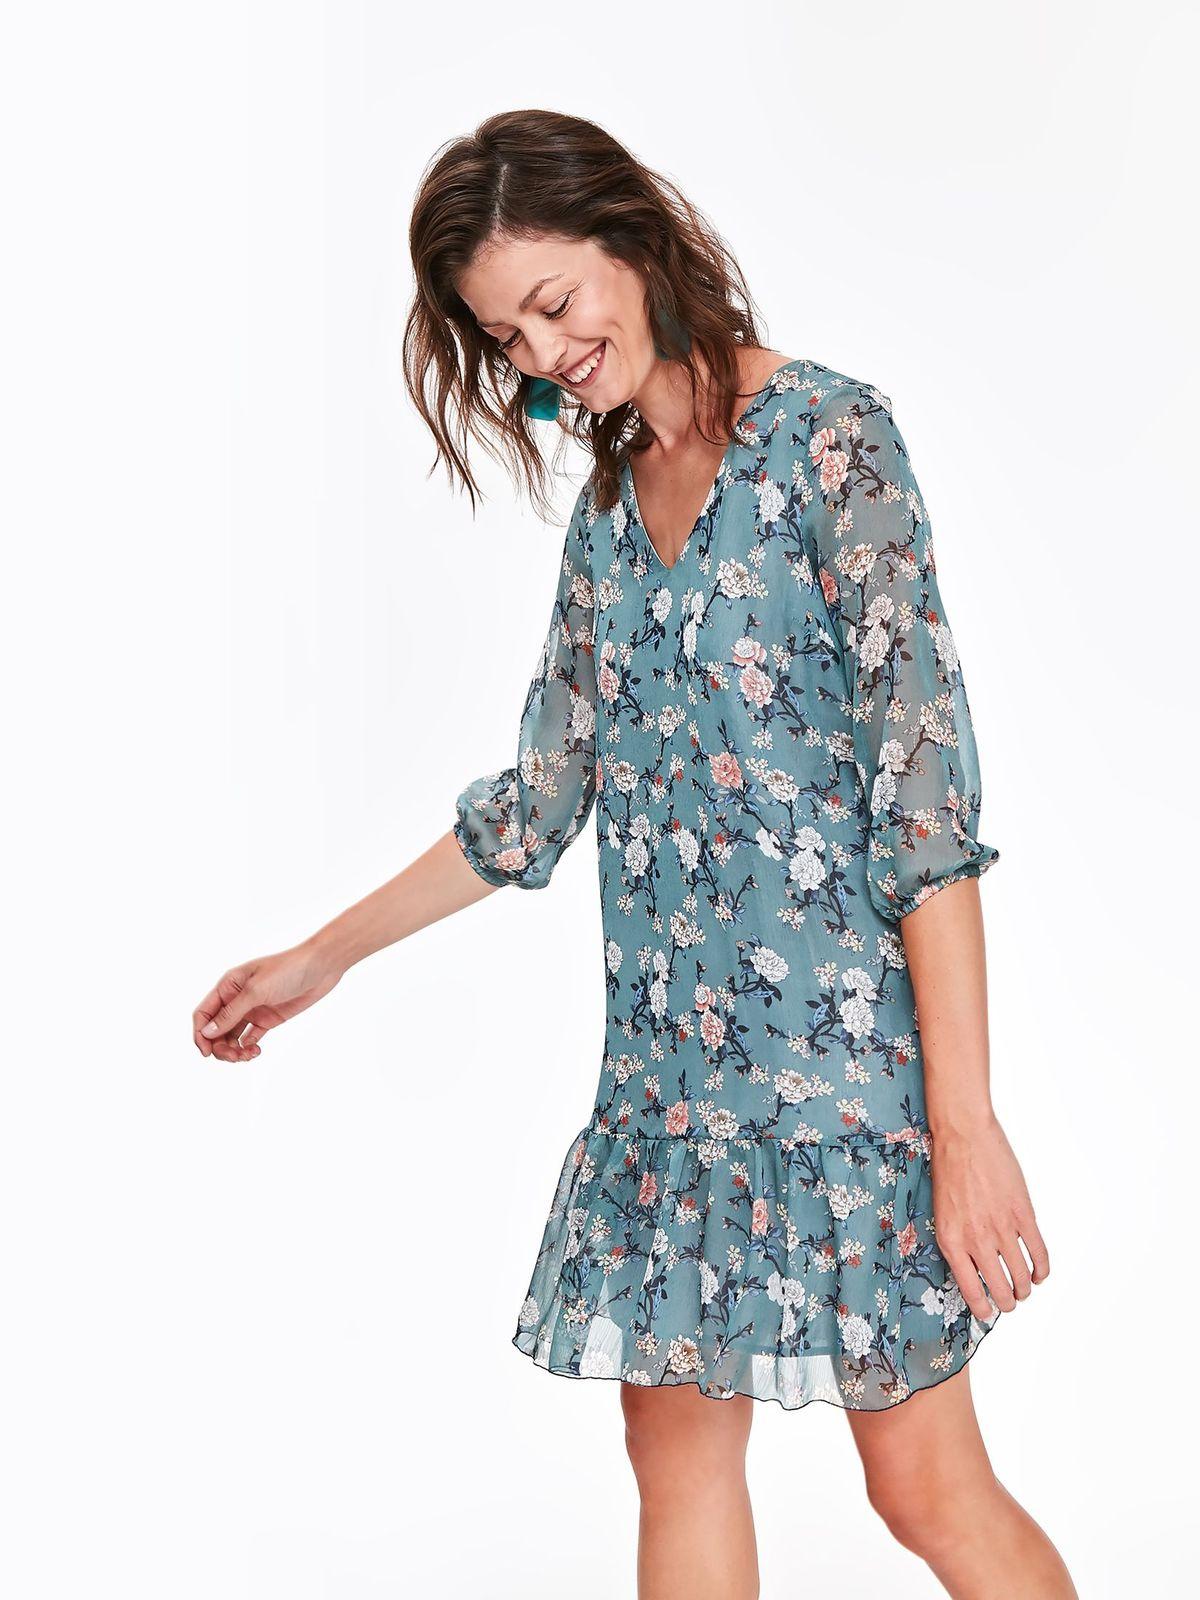 621d0333b72b TOP SECRET TOP SECRET floral φορεμα